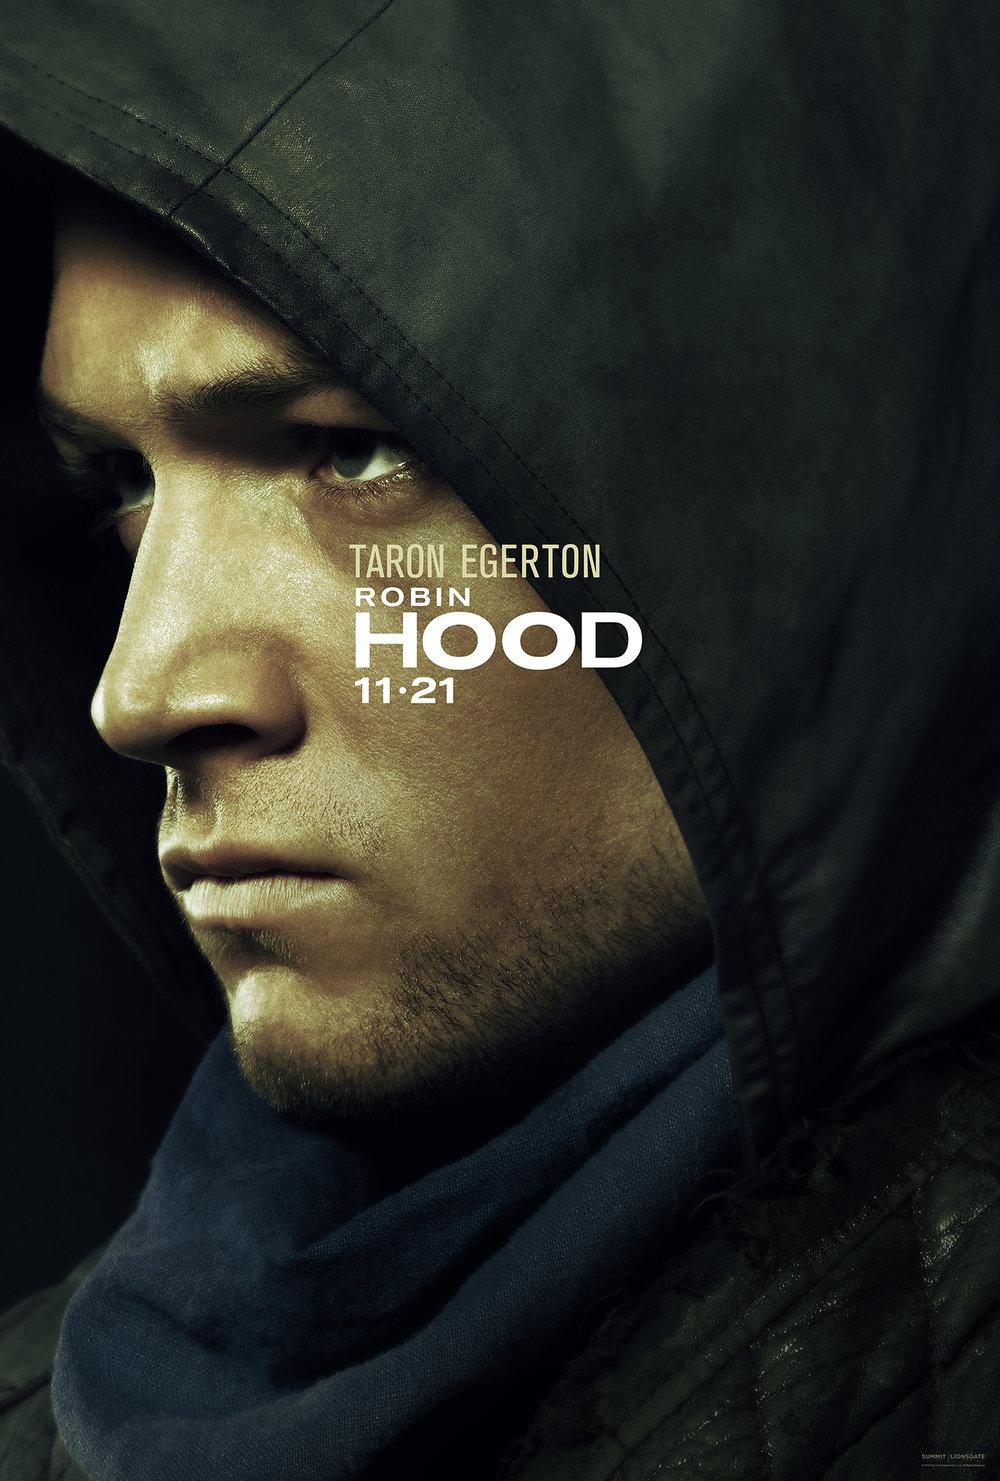 Hood_1Sht_Teaser_Online_Taron_100dpi.jpg